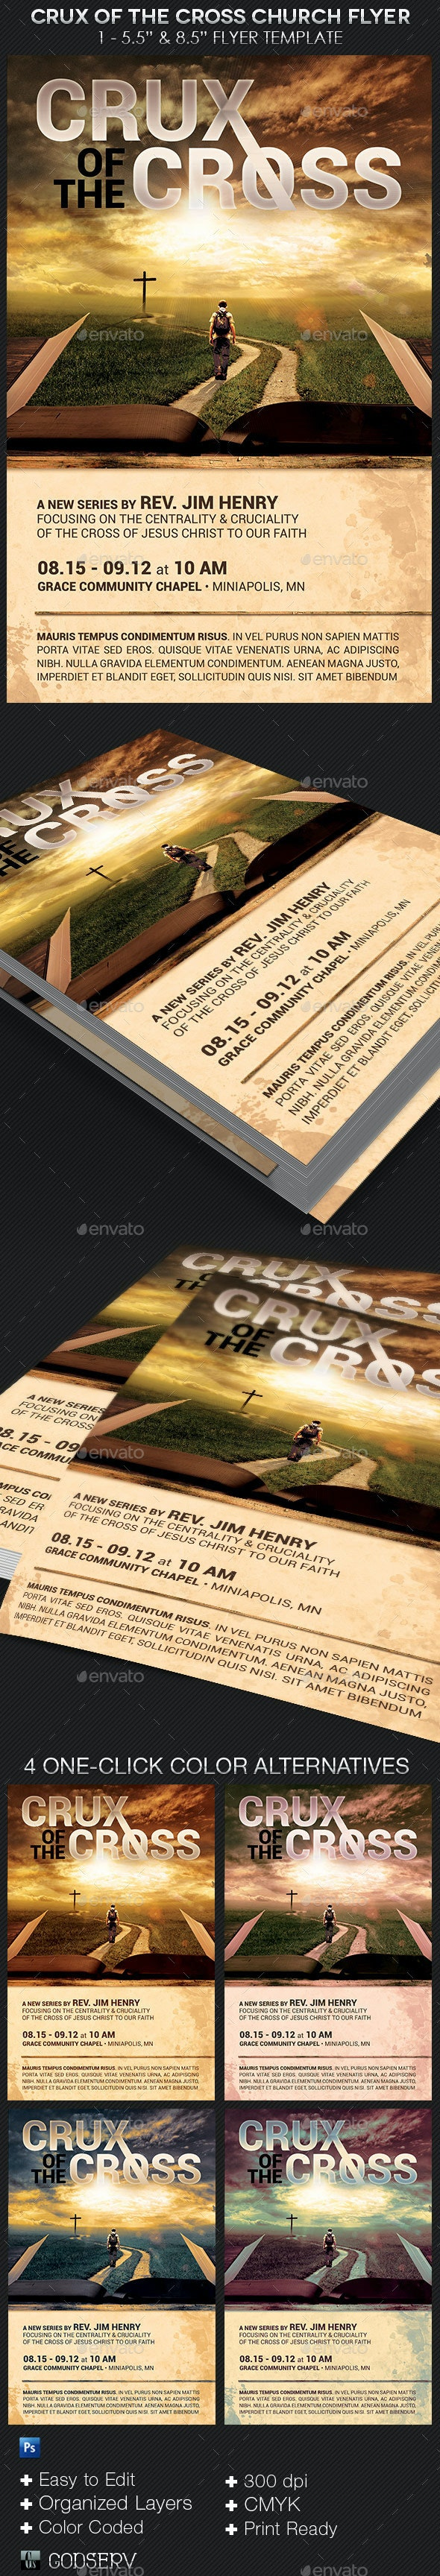 Cross Church Flyer Template - Church Flyers